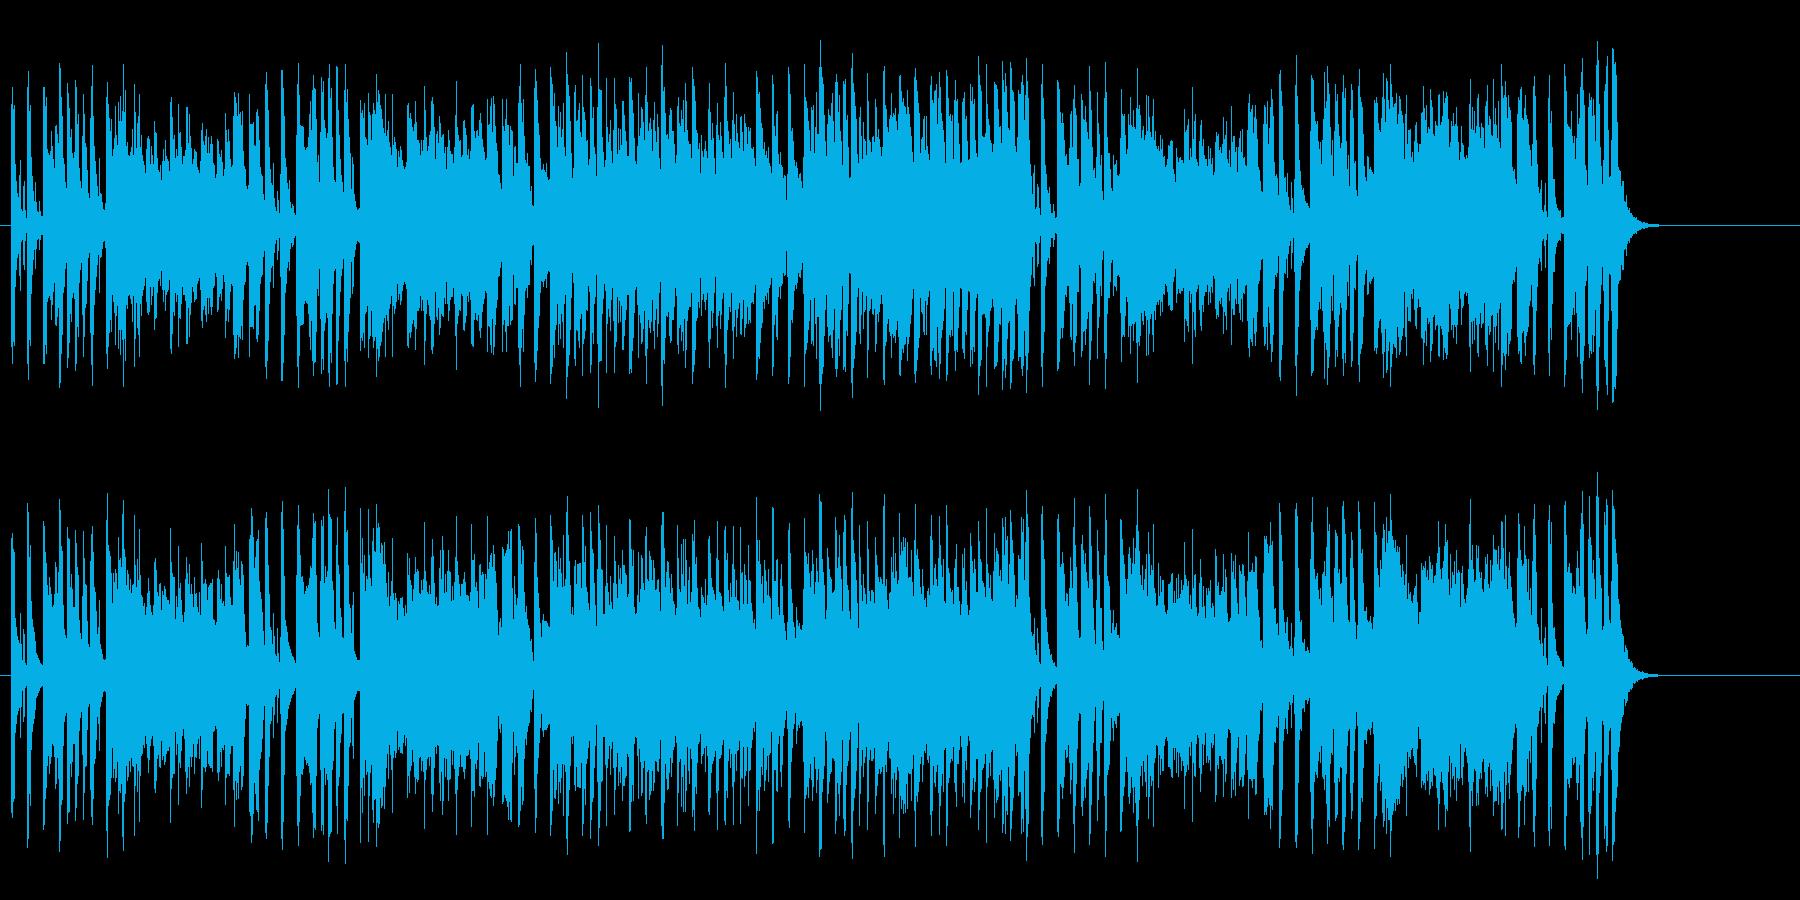 とぼけた感じがおちゃめなコミカルサウンドの再生済みの波形